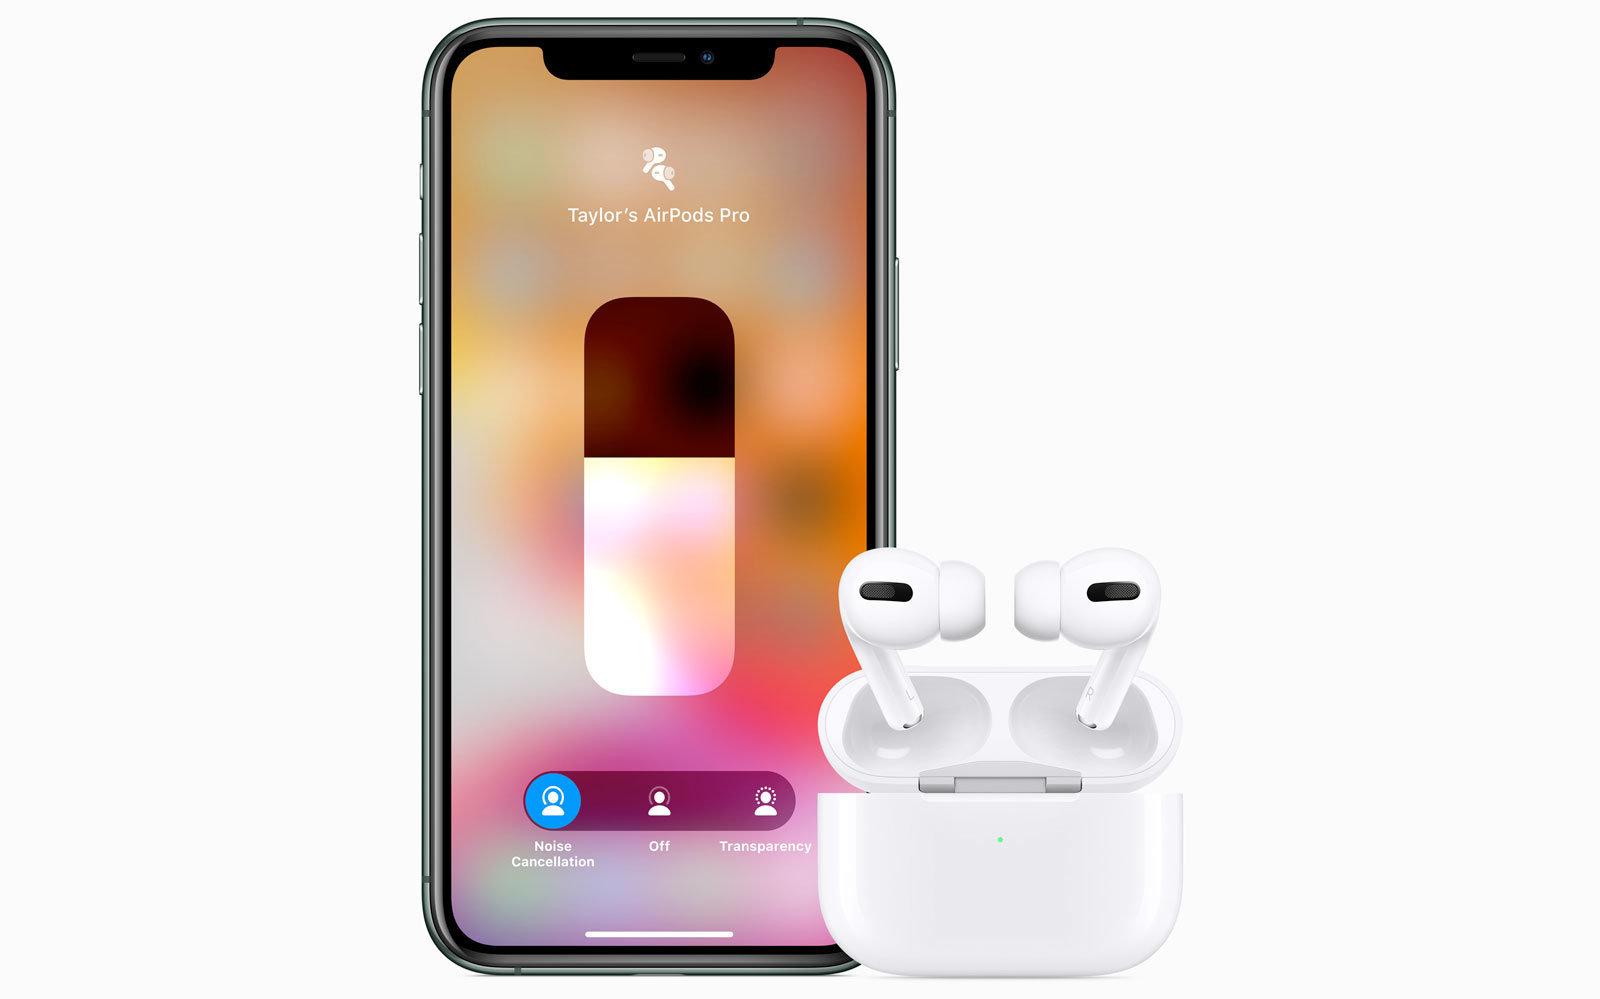 Обзор AirPods Pro_лучшие полностью беспроводные наушники от Apple - наушники со смартфоном